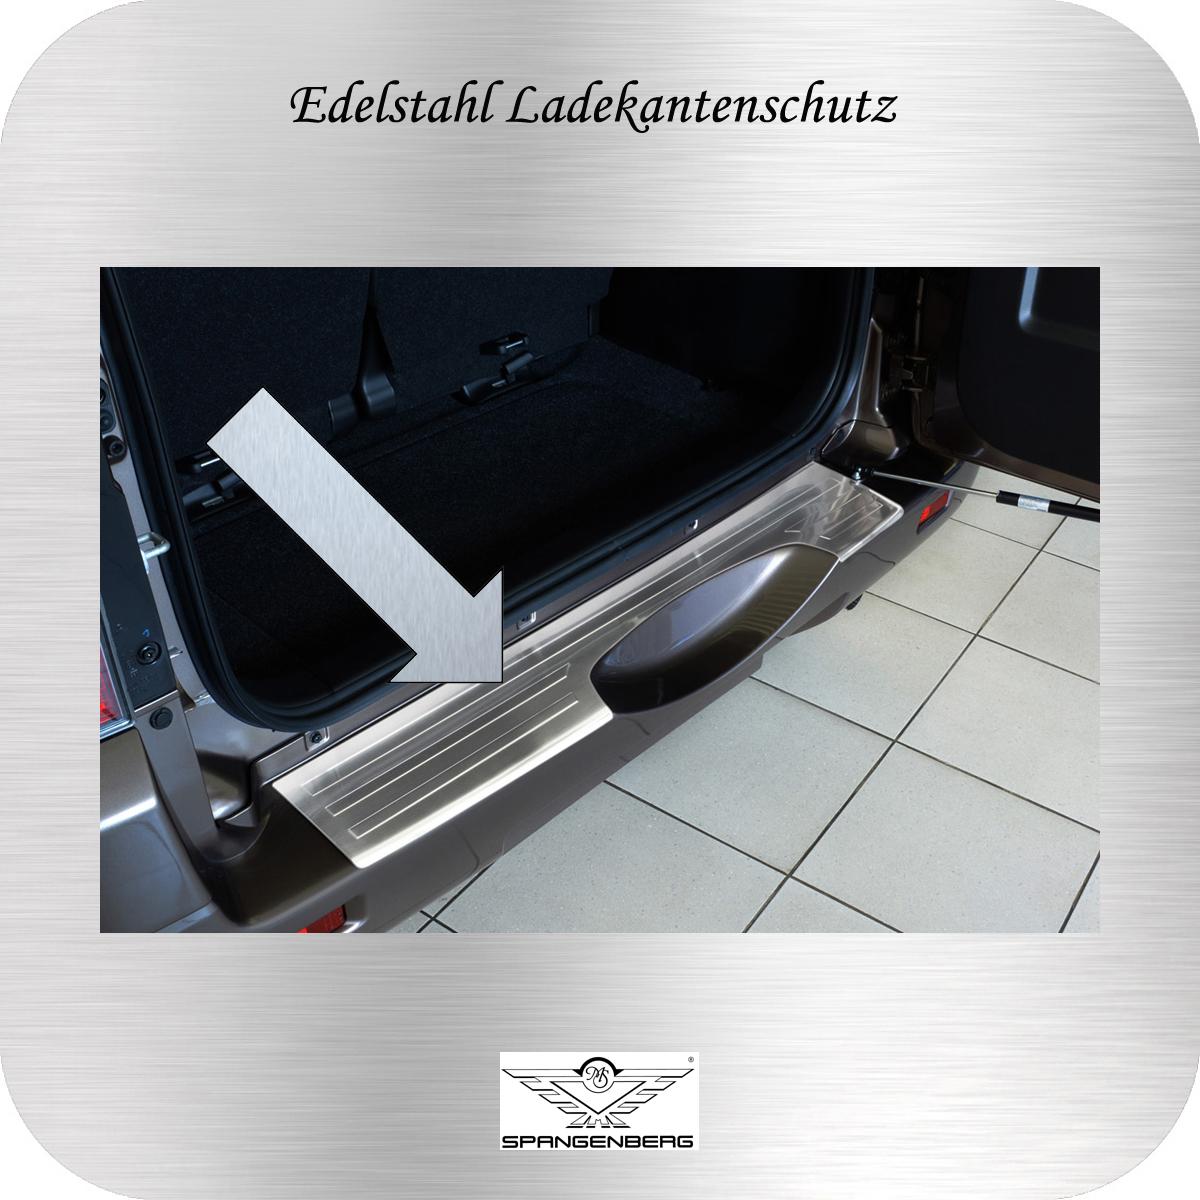 Ladekantenschutz Edelstahl Suzuki Grand Vitara II Radhalter hinten 2005- 3235963